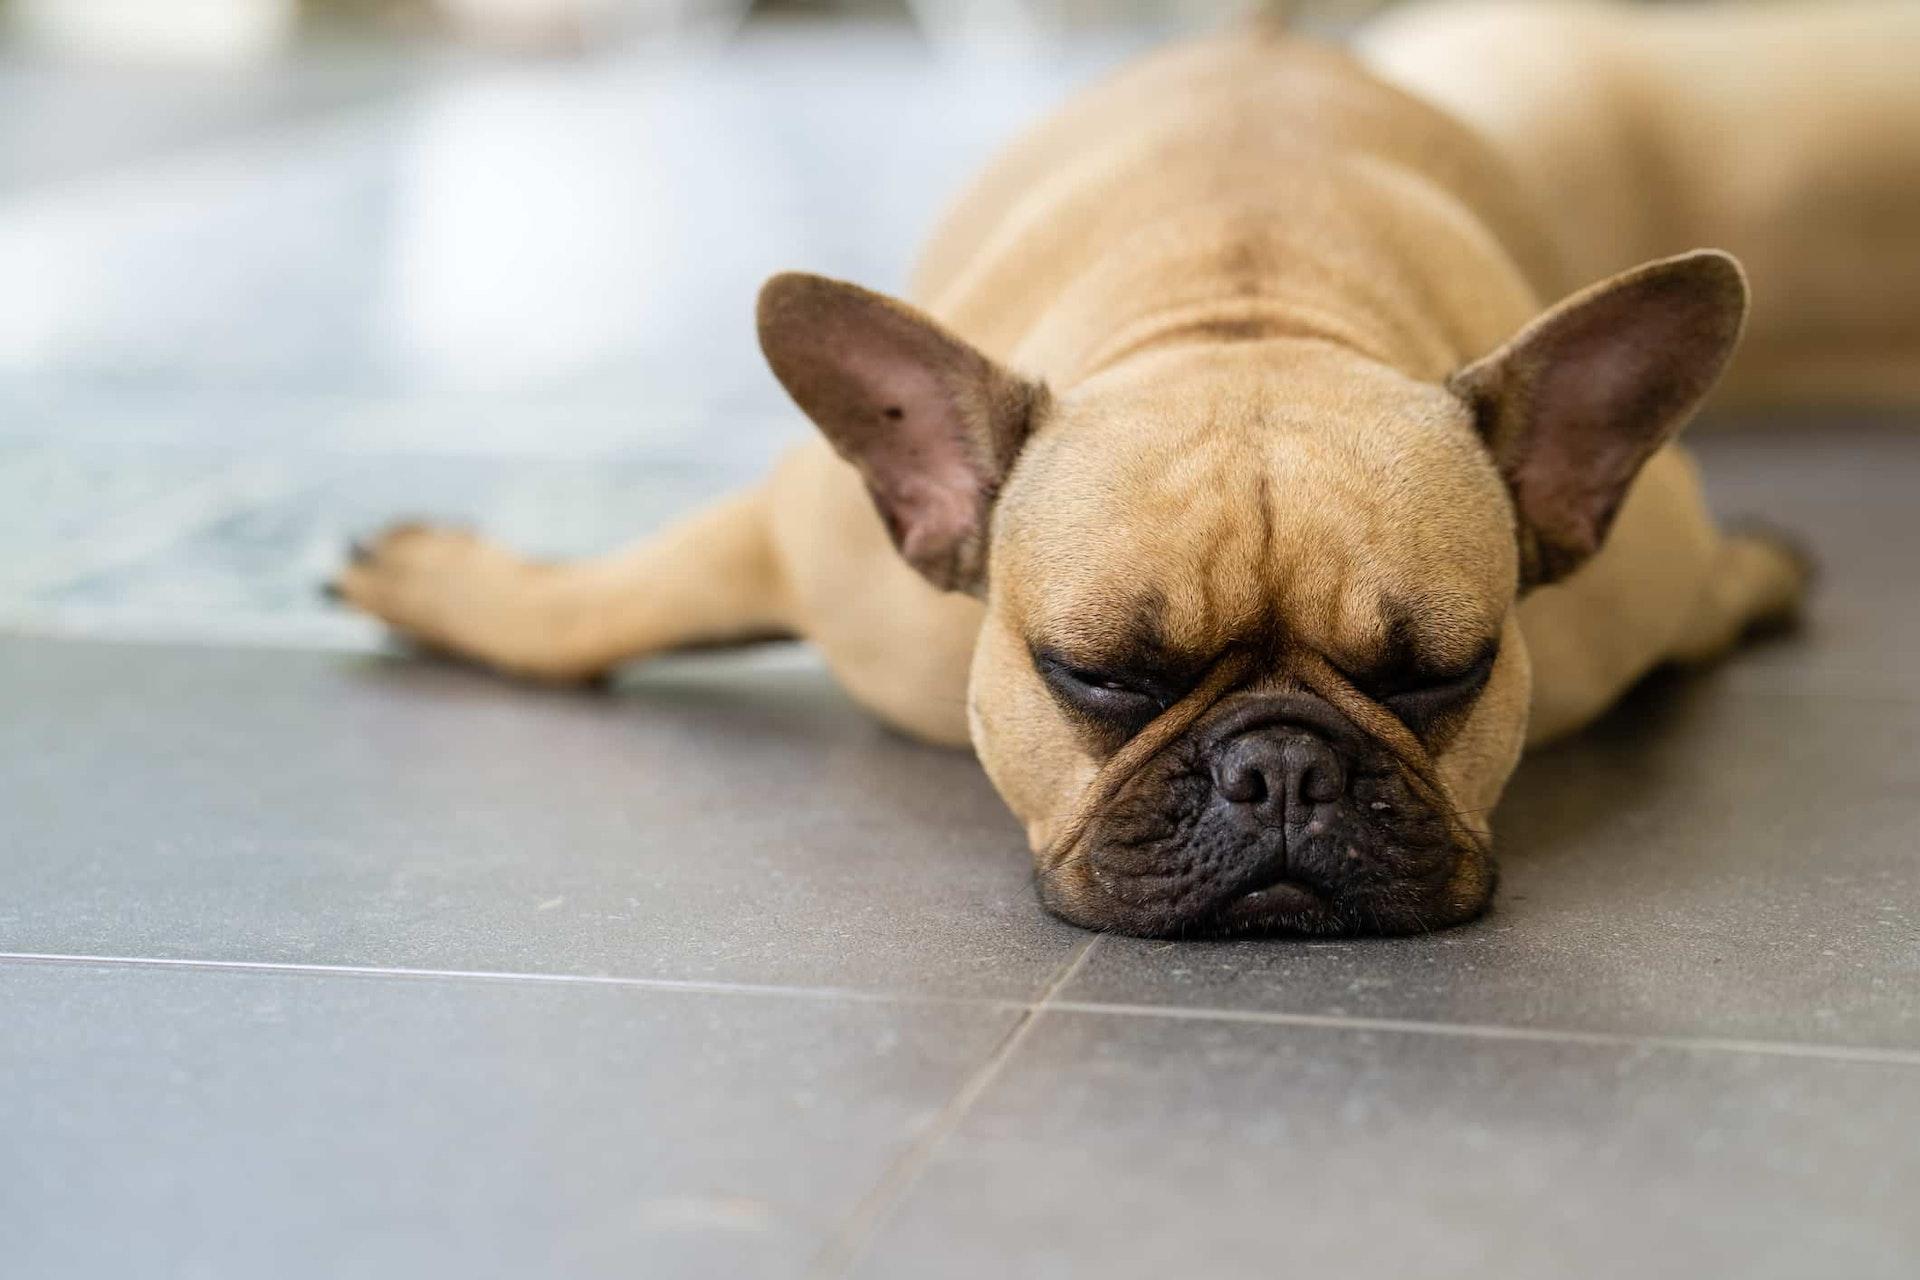 Sleepy french bulldog lying on tiled floor outdoor.